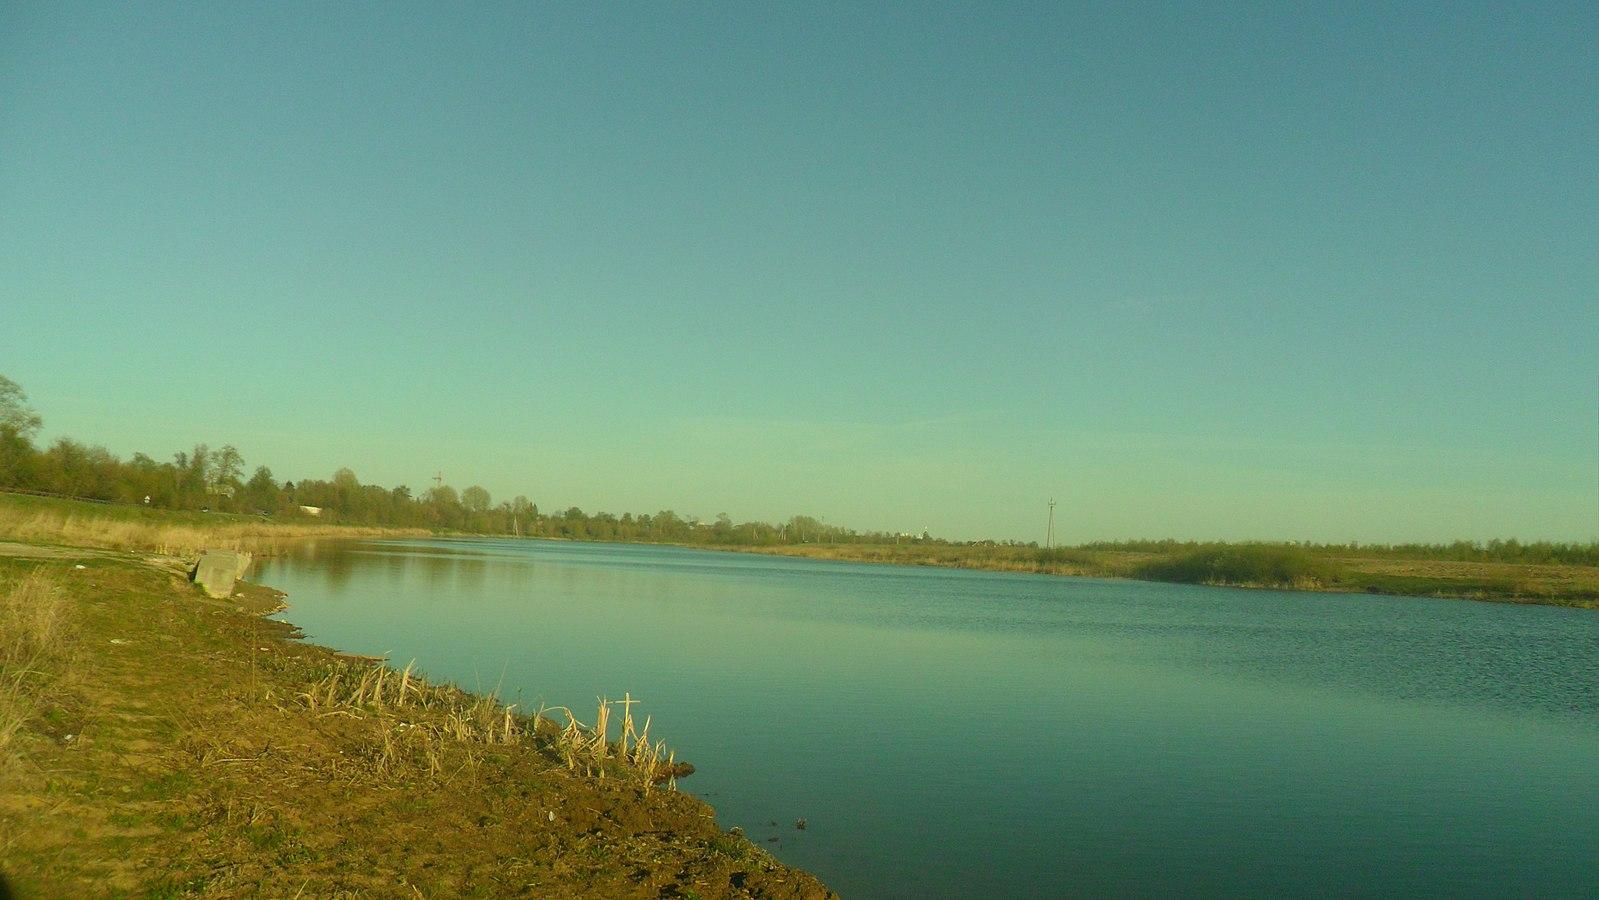 был хулиганом фото озеро юрасовское г бор нижегородской области гречишный, разнотравье мед